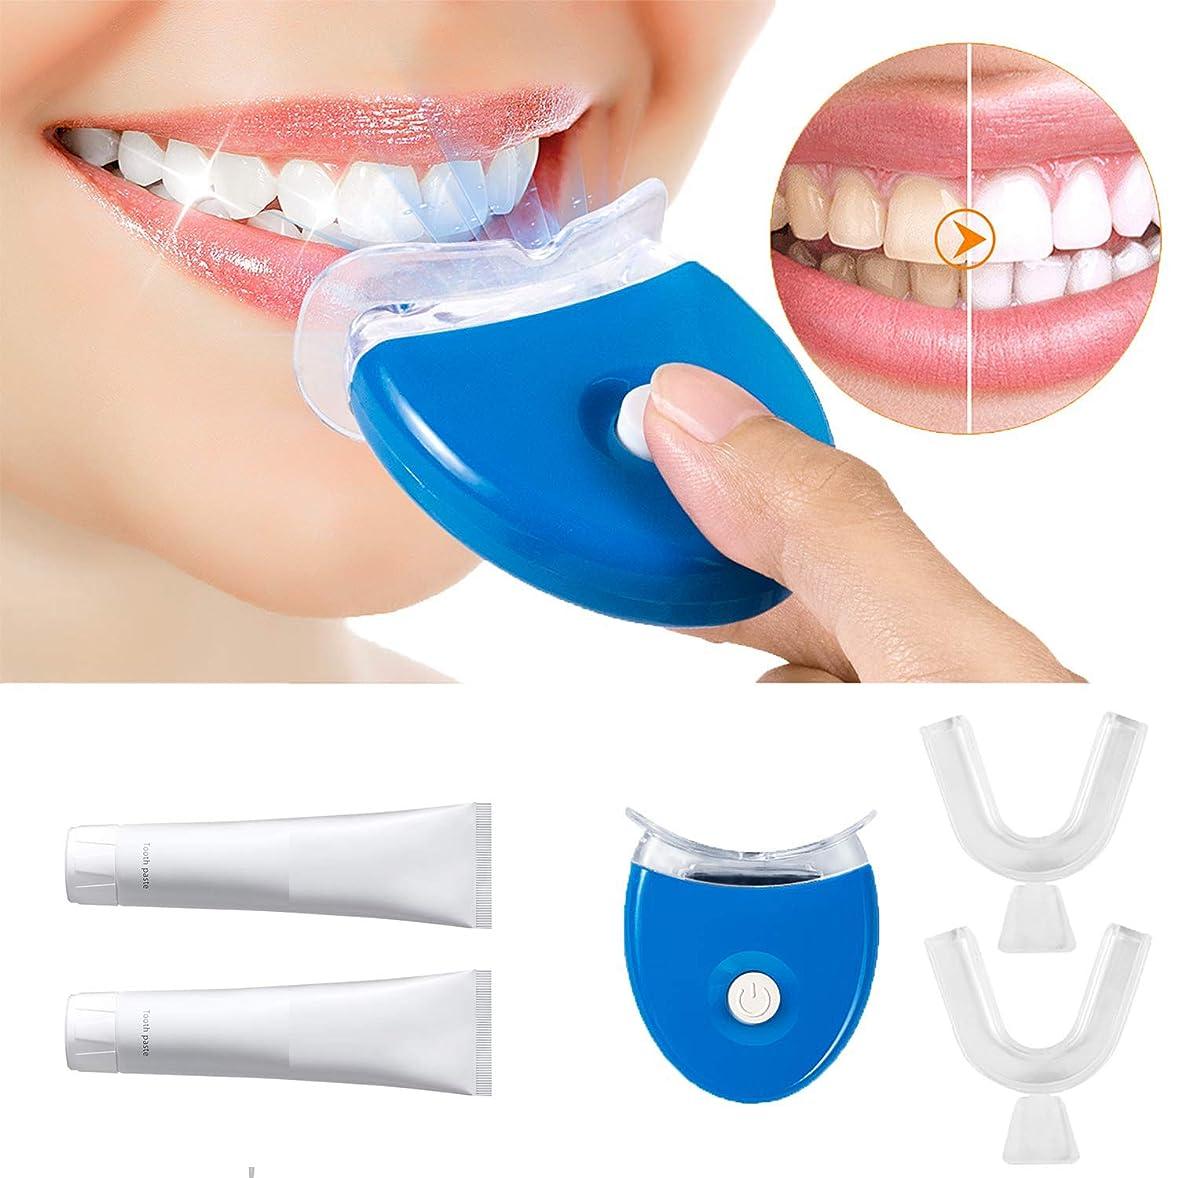 値する狂う斧ホワイトニング 歯ホワイトニング器 歯美白器 美歯器 歯 ホワイトニング ホワイトナー ケア 歯の消しゴム 歯科機器 口腔ゲルキット ブルー